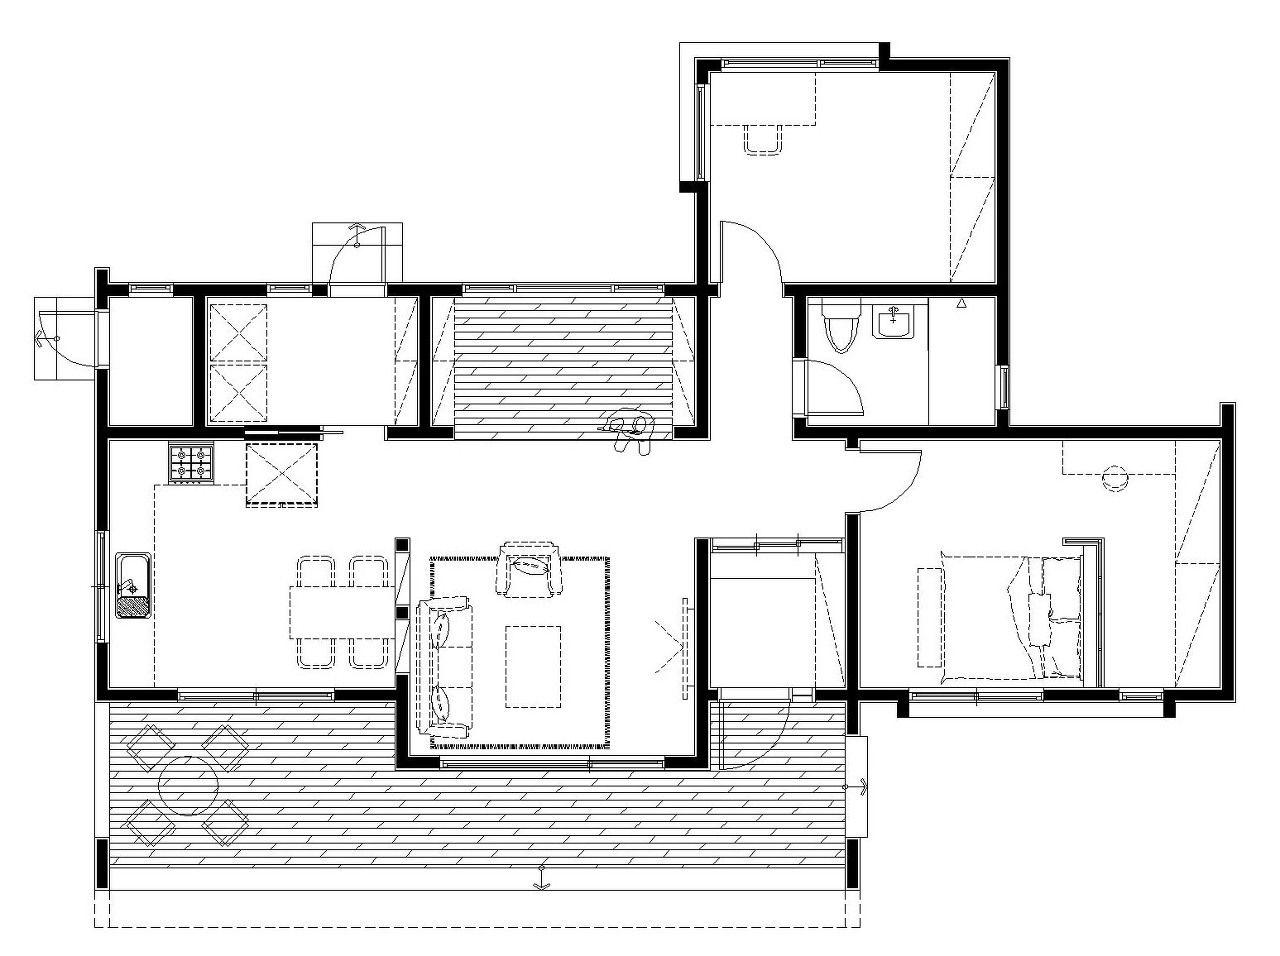 13 6 2층 은 불편해 단층 주택으로의 회귀 2020 작은 집 주택평면도 집 계획